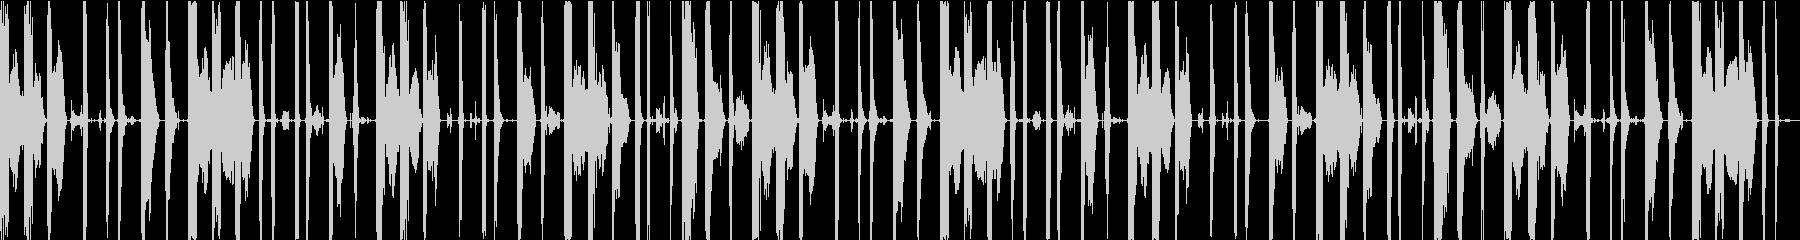 ボイスパーカッション・ビートボックス_5の未再生の波形